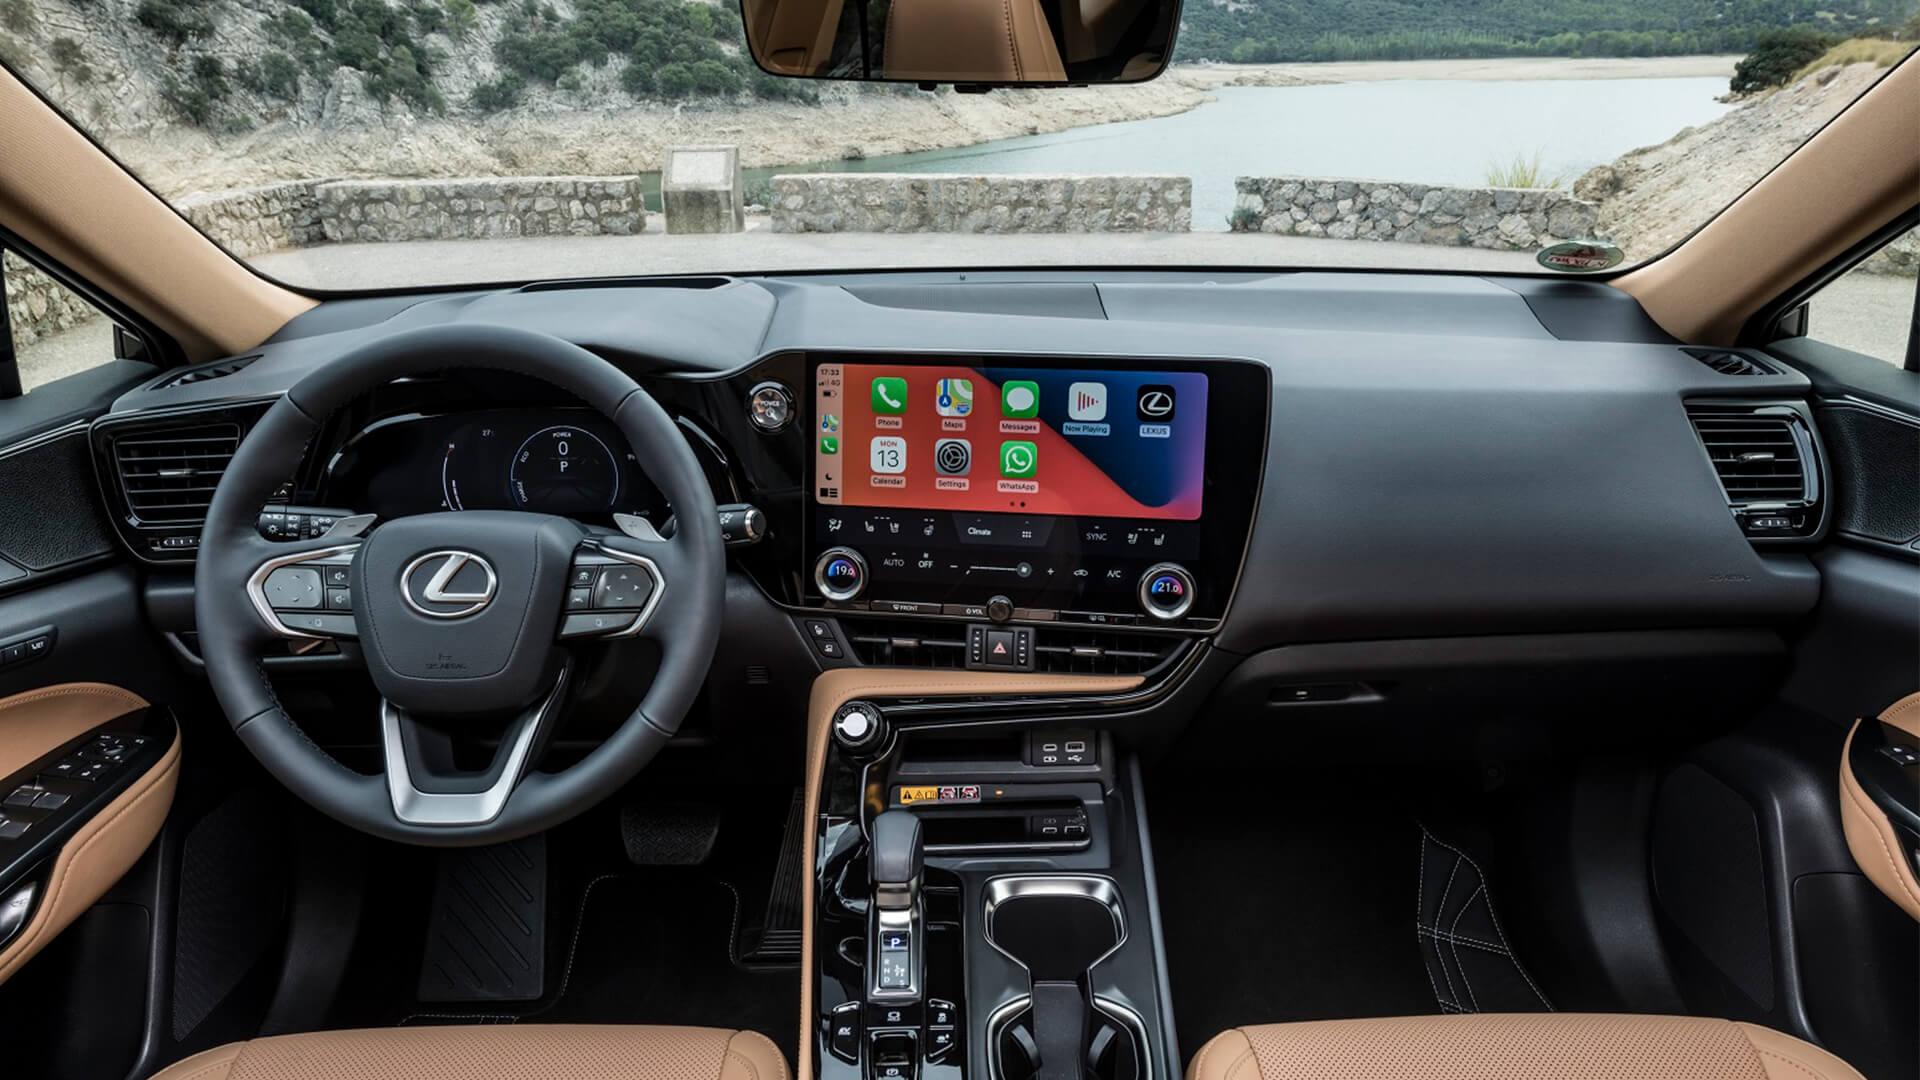 Yeni Nesil NX ile Lexus için Yeni Bir Dönem Başlıyor gallery02